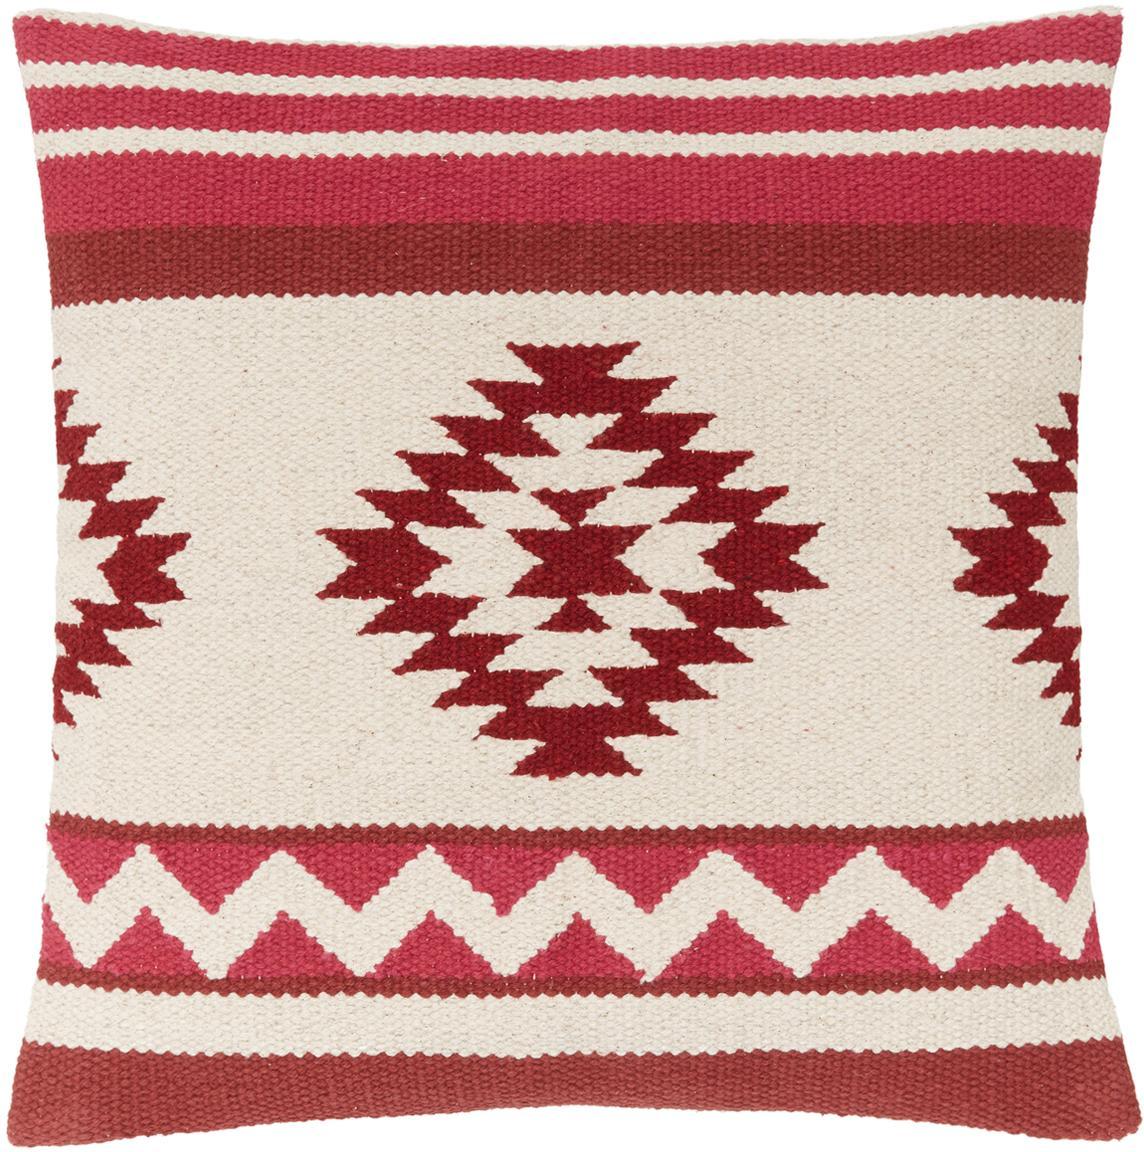 Gewebte Kissenhülle Tuca mit Ethnomuster, 100% Baumwolle, Beige, Hellrot, Dunkelrot, 45 x 45 cm